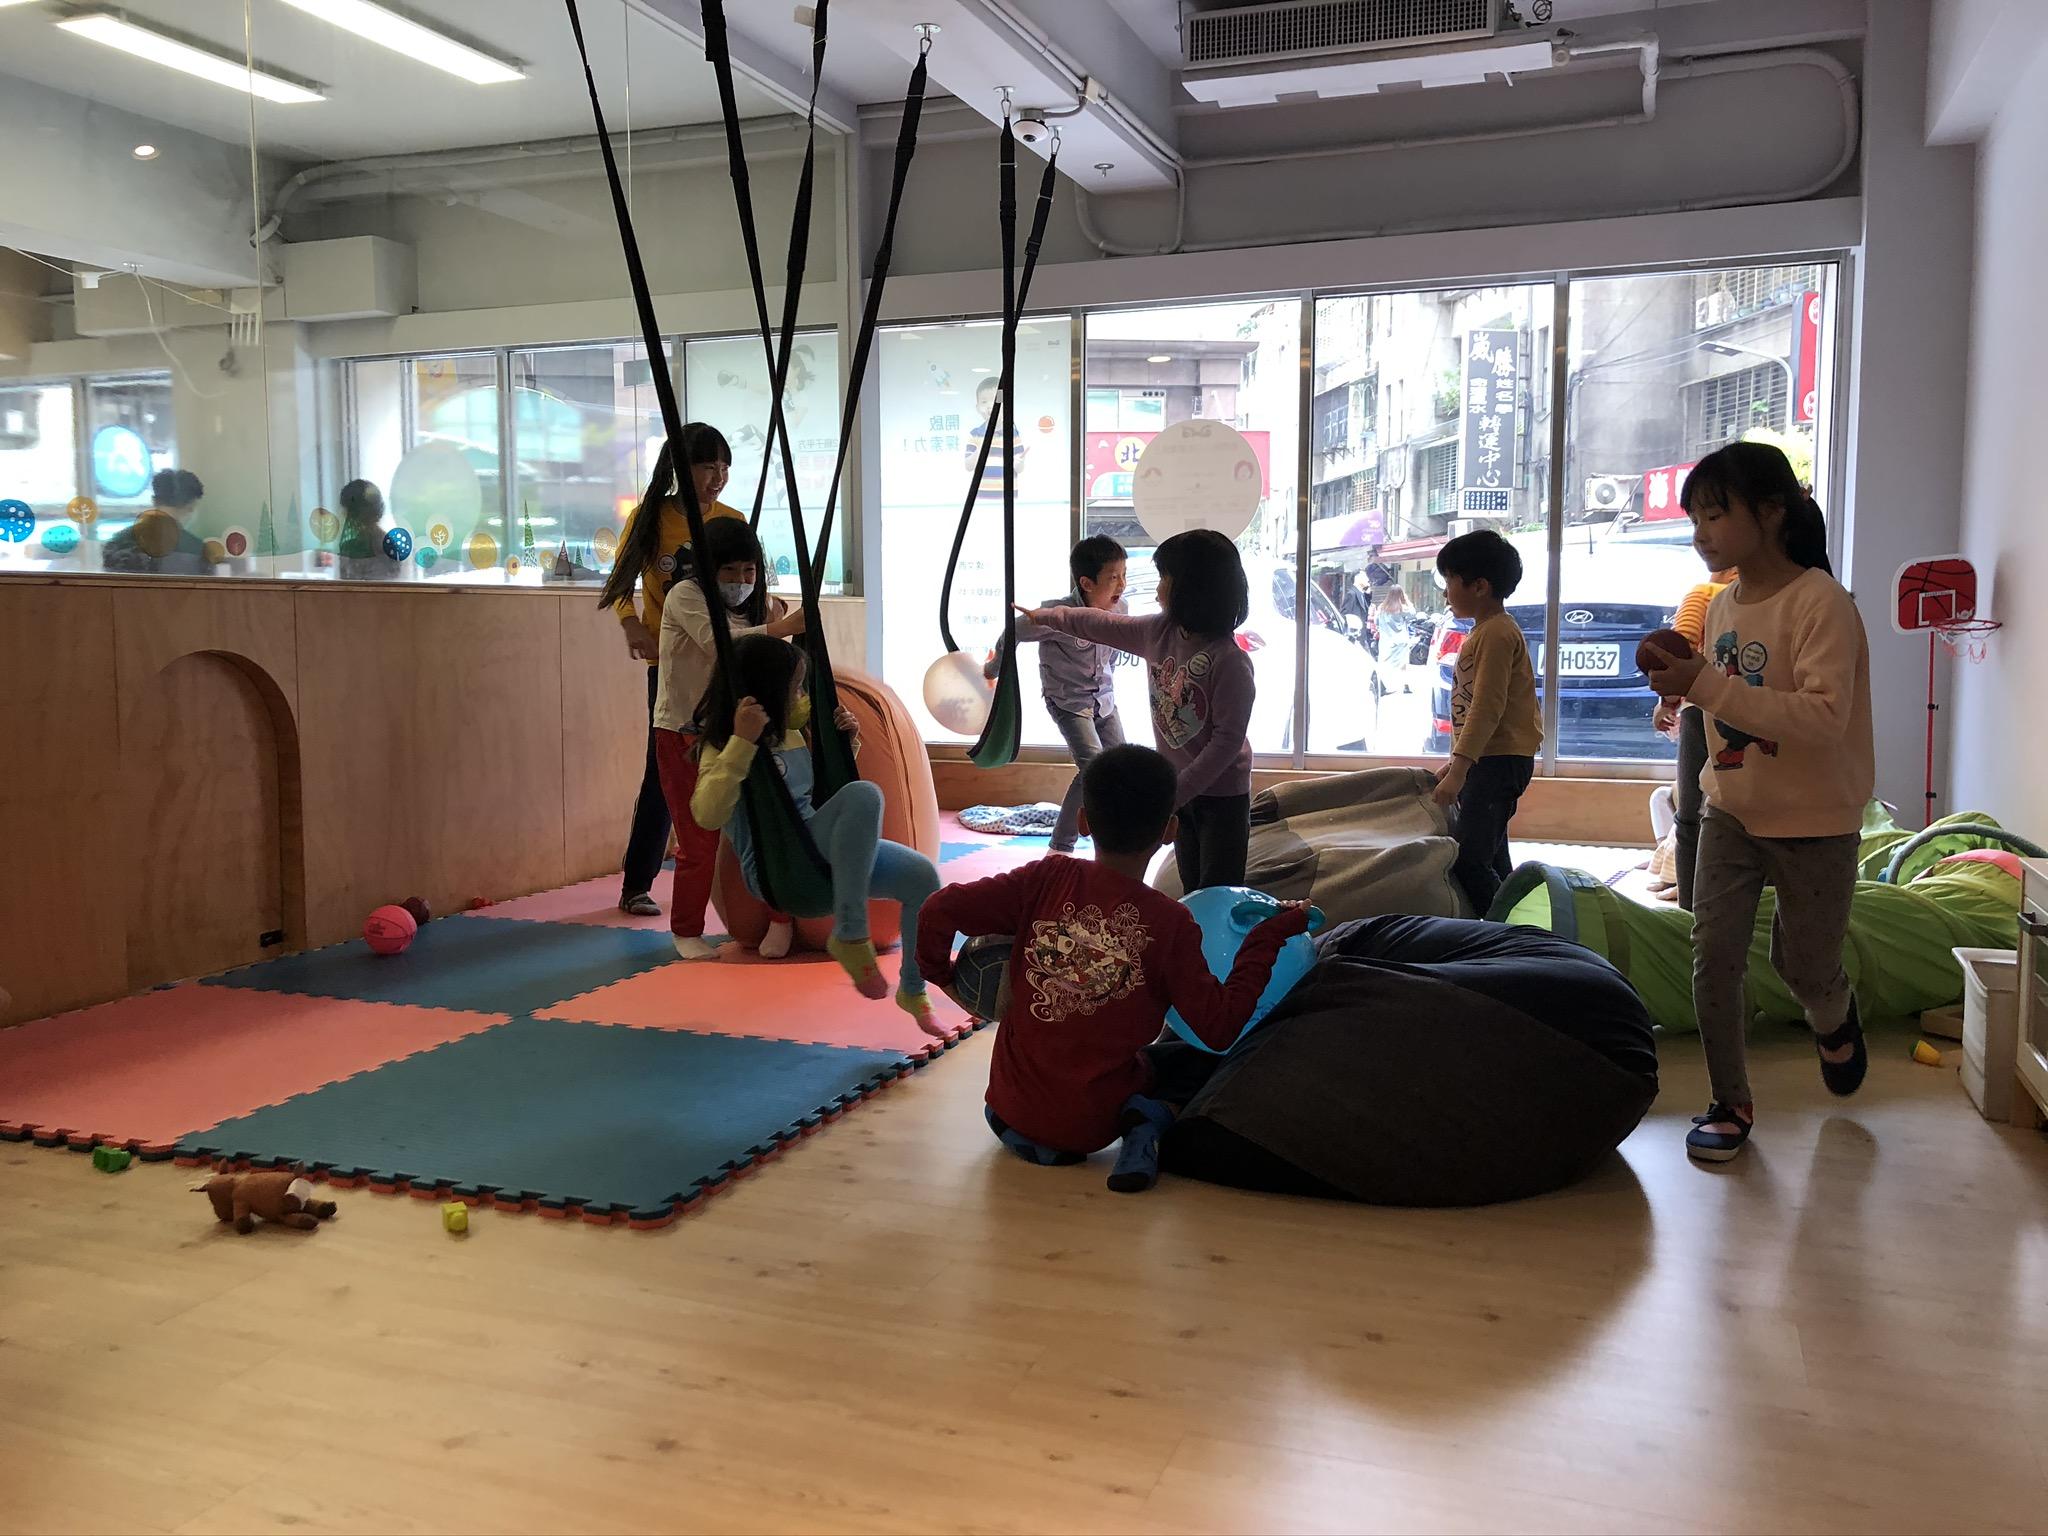 遊戲區|課間放鬆